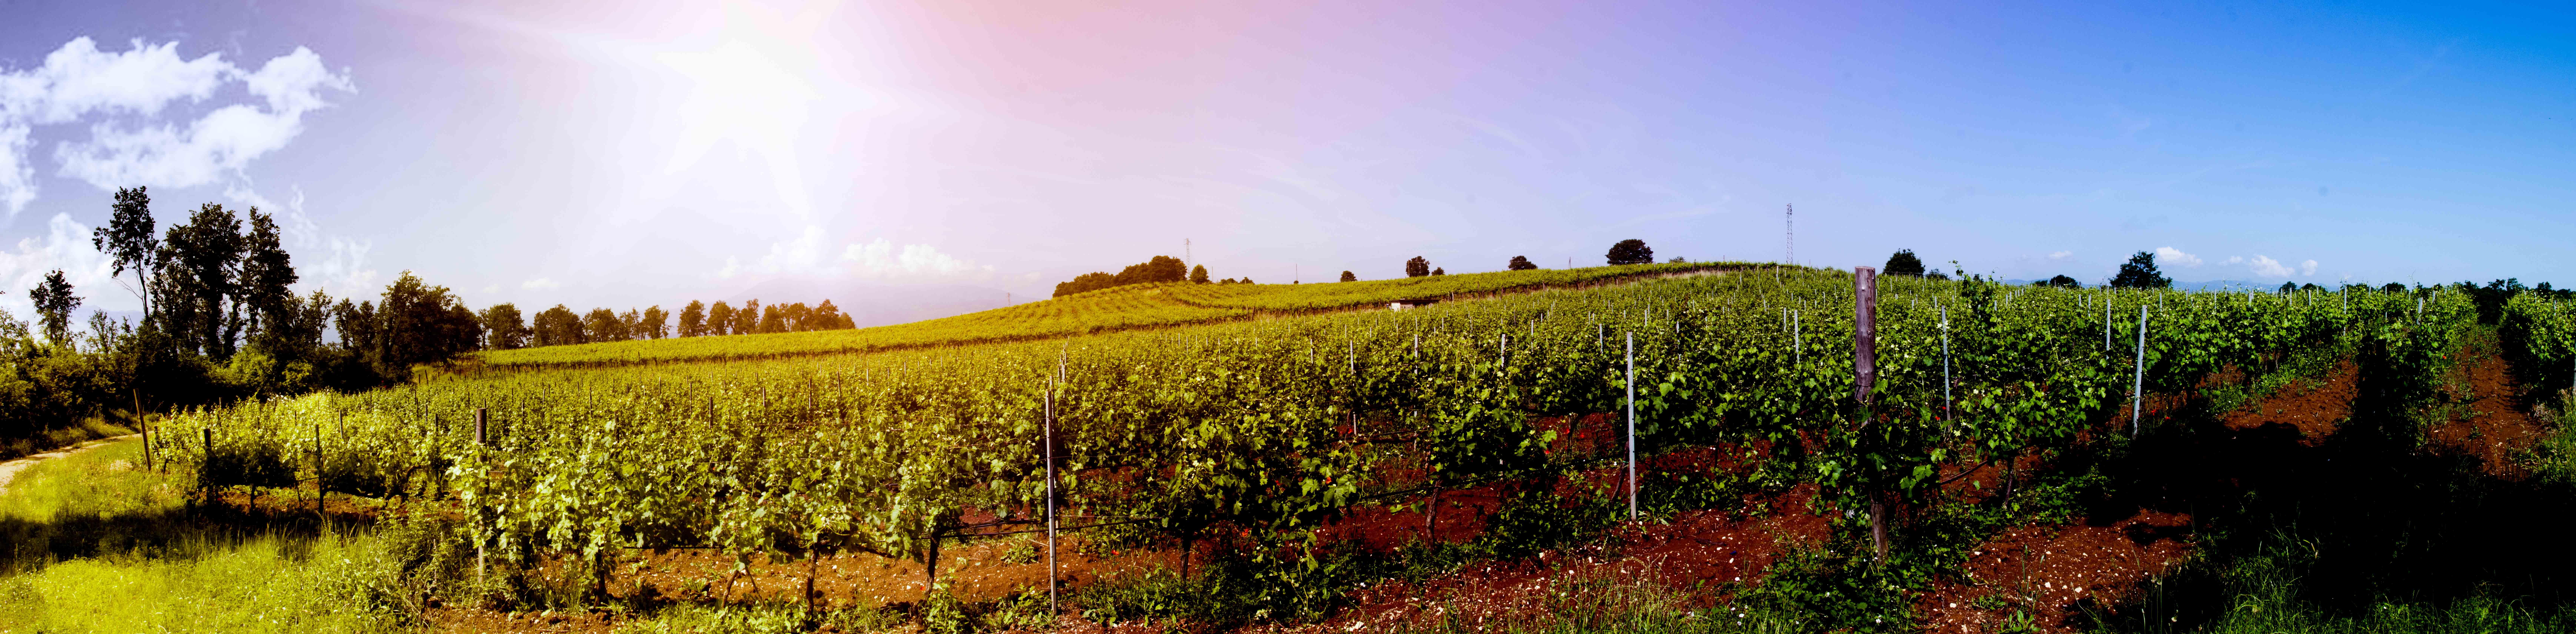 panoramica vigneti marcella giuliani agricola Anagni